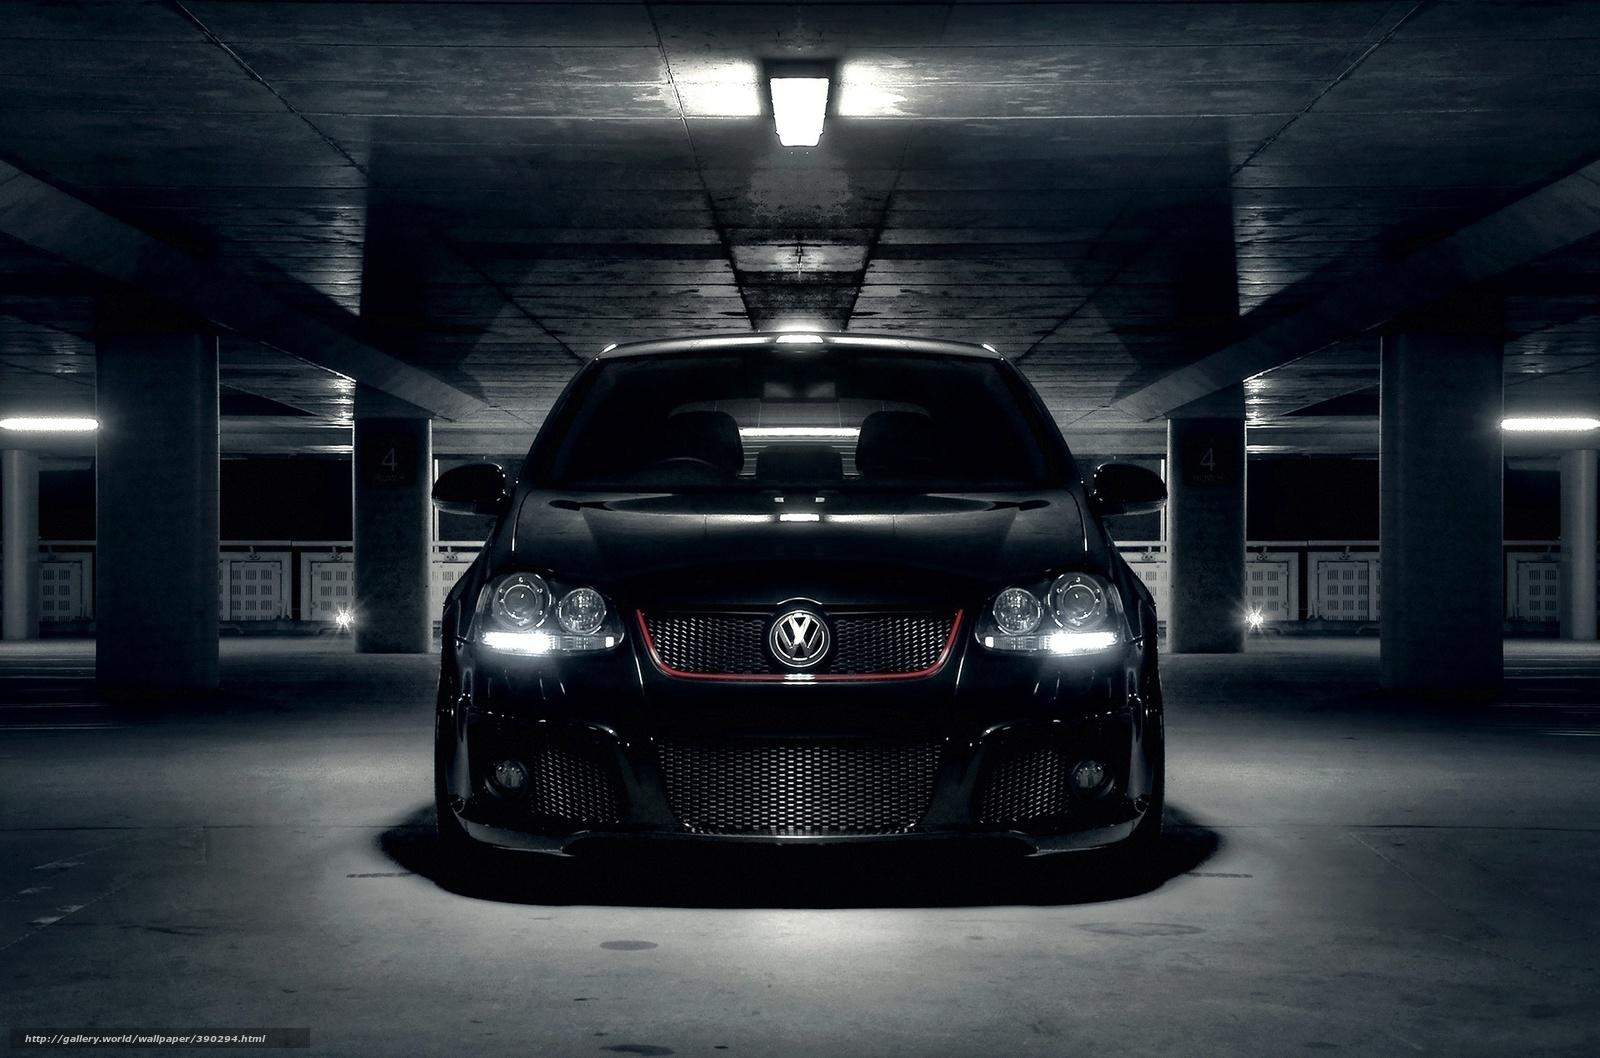 wallpaper volkswagen vw golf wallpapers auto Parking desktop 1600x1058